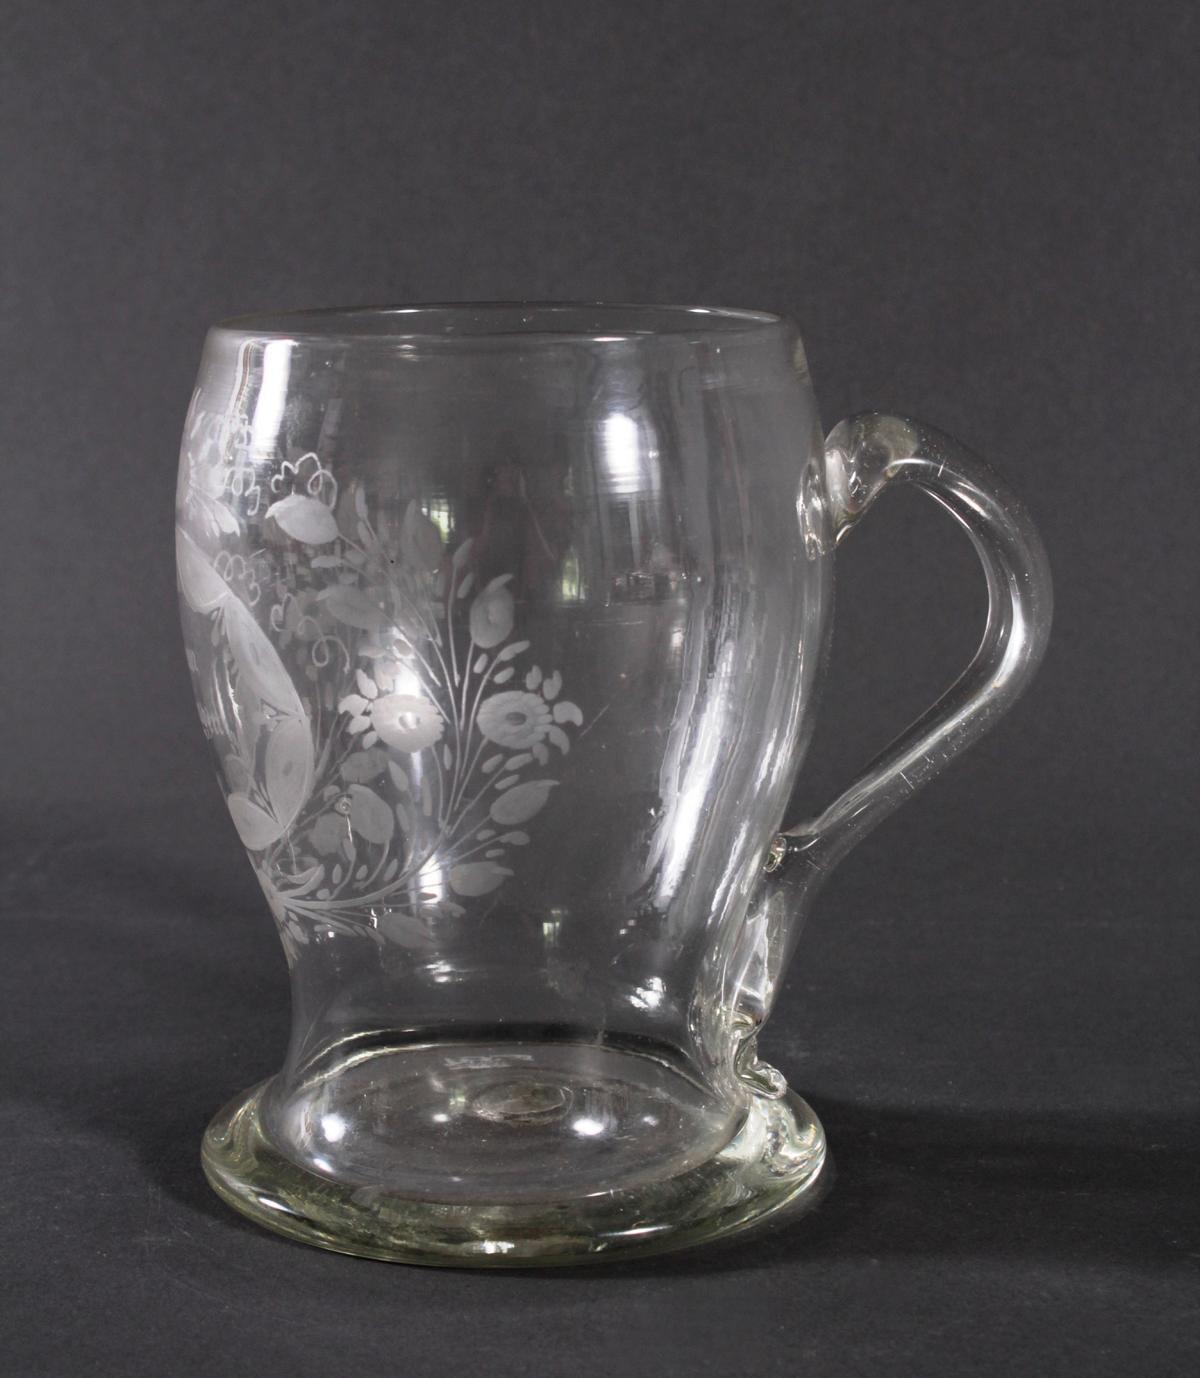 Glaskrug, um 1800-2